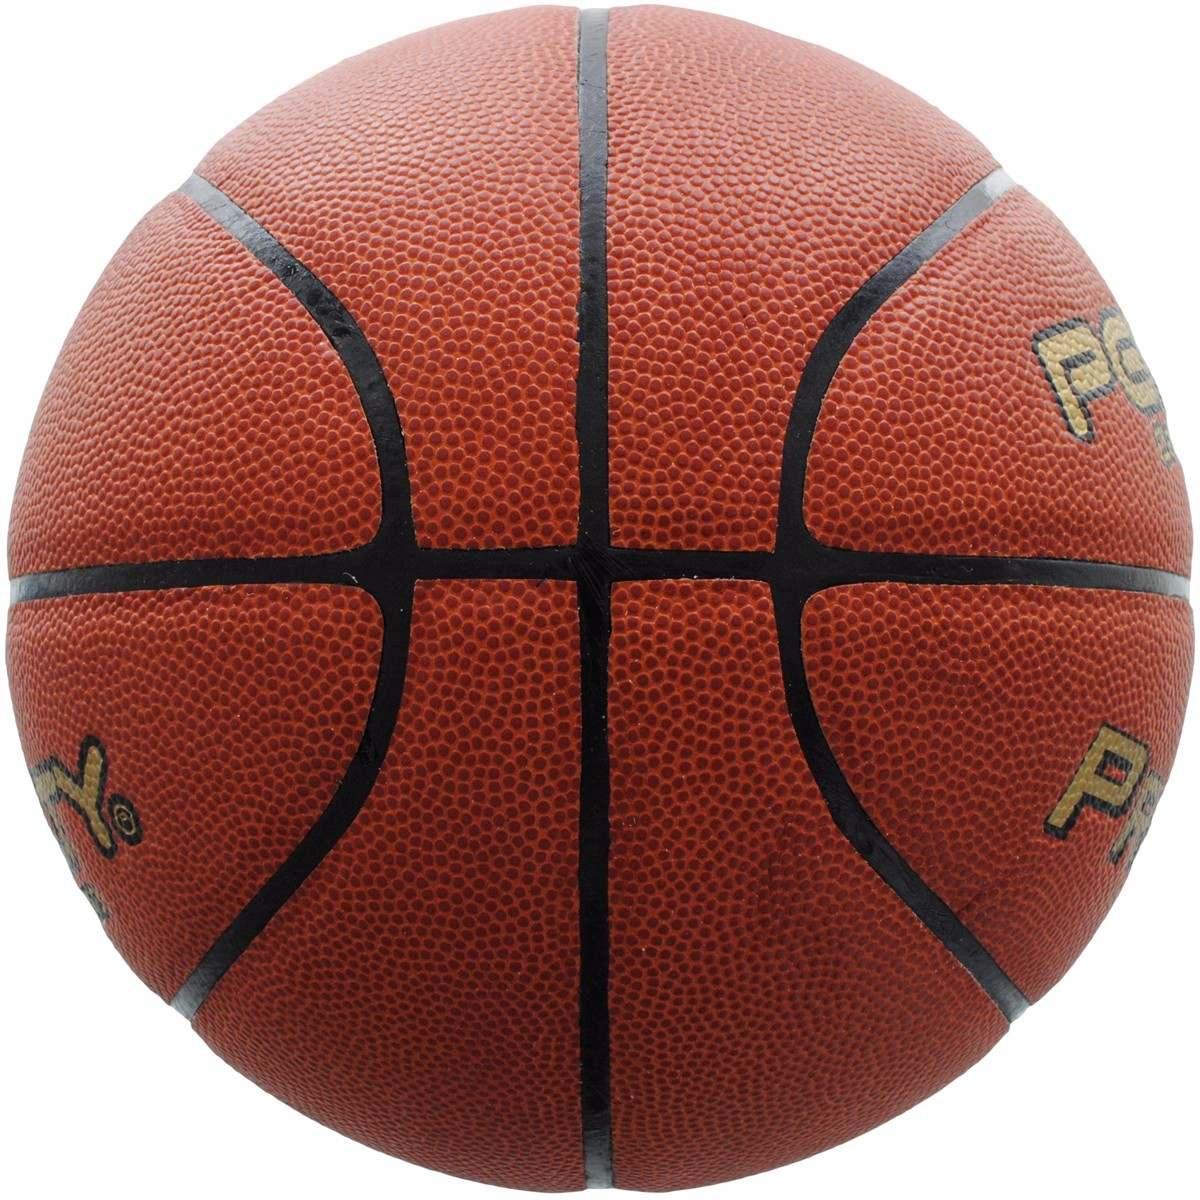 4916d070d bola de basquete oficial feminina pró 6.5 penalty. Carregando zoom.